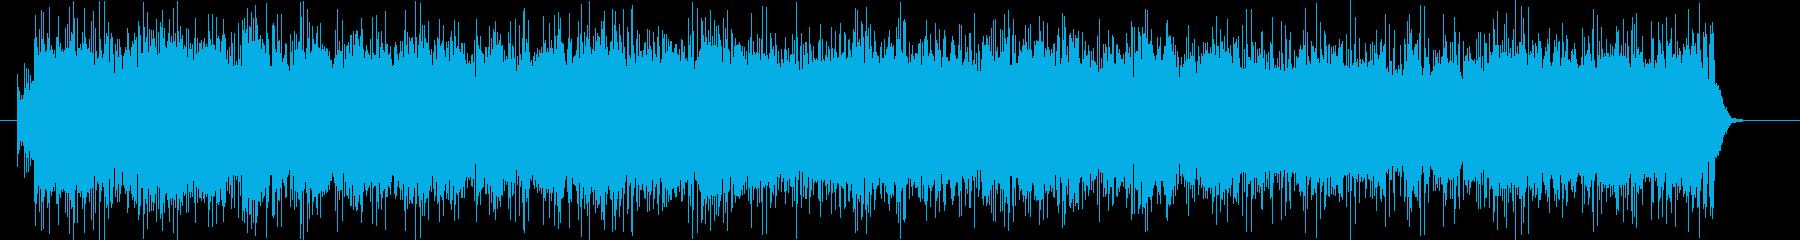 テンポが速い和風バトルBGMの再生済みの波形